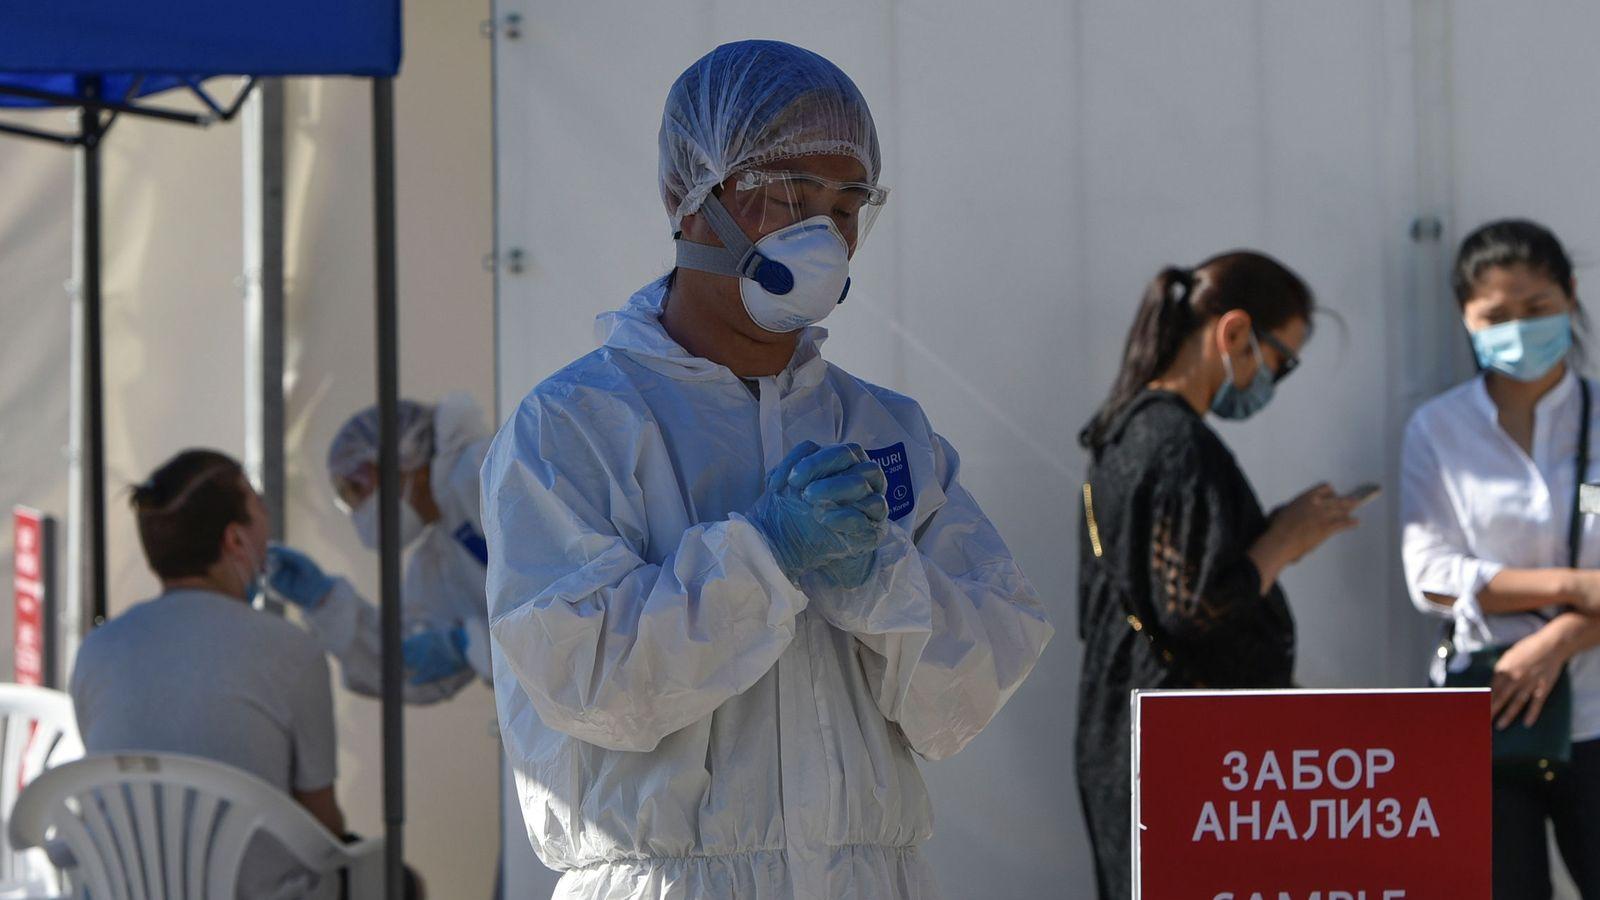 Doble epidemia en Kazajistán: 'misteriosa' neumonía y segunda ola del coronavirus